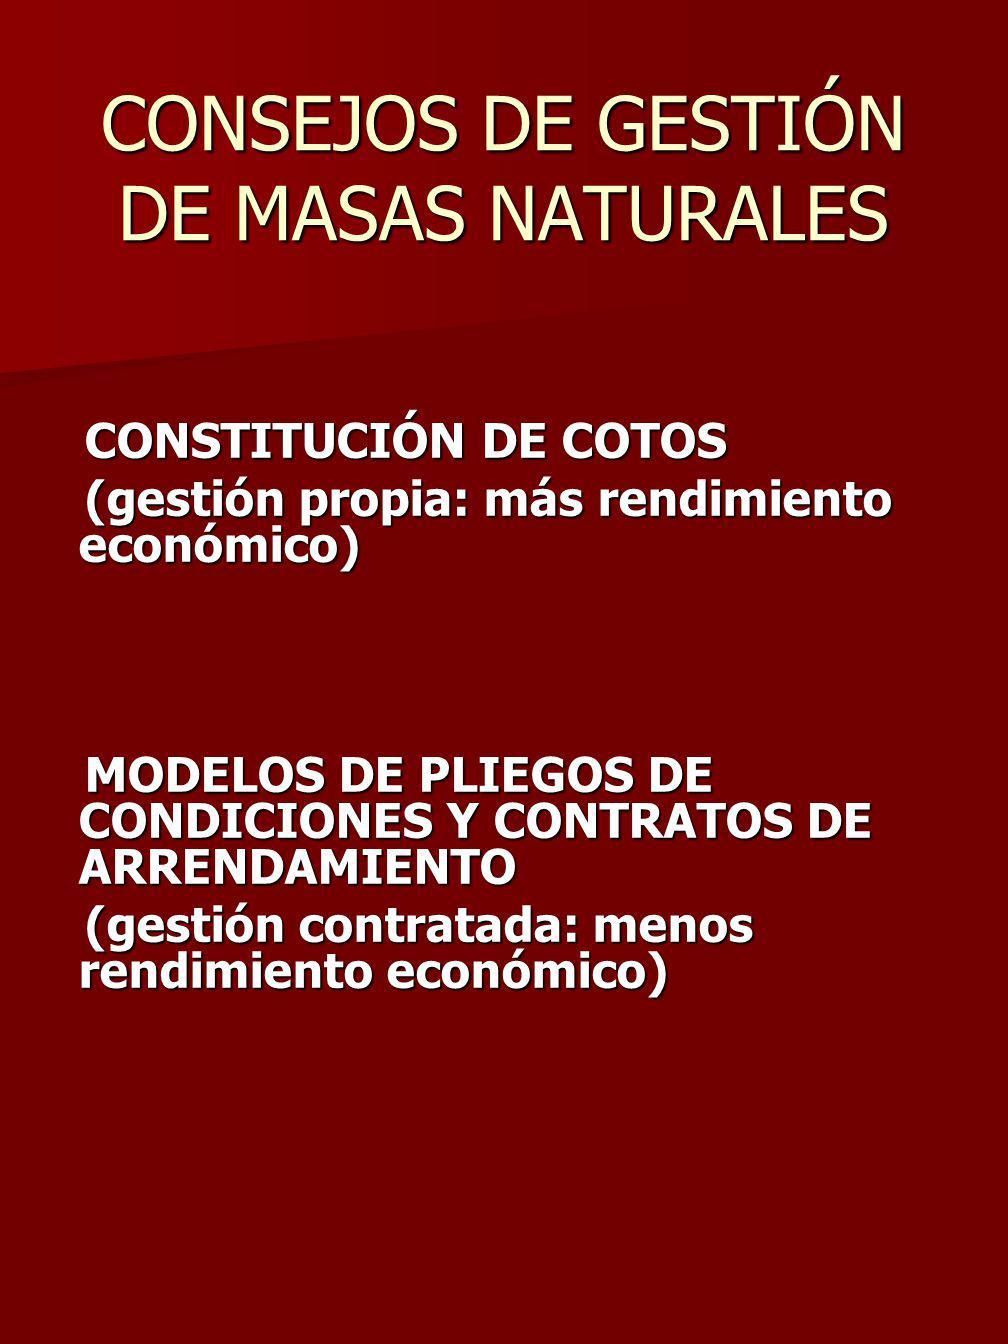 CONSEJOS DE GESTIÓN DE MASAS NATURALES